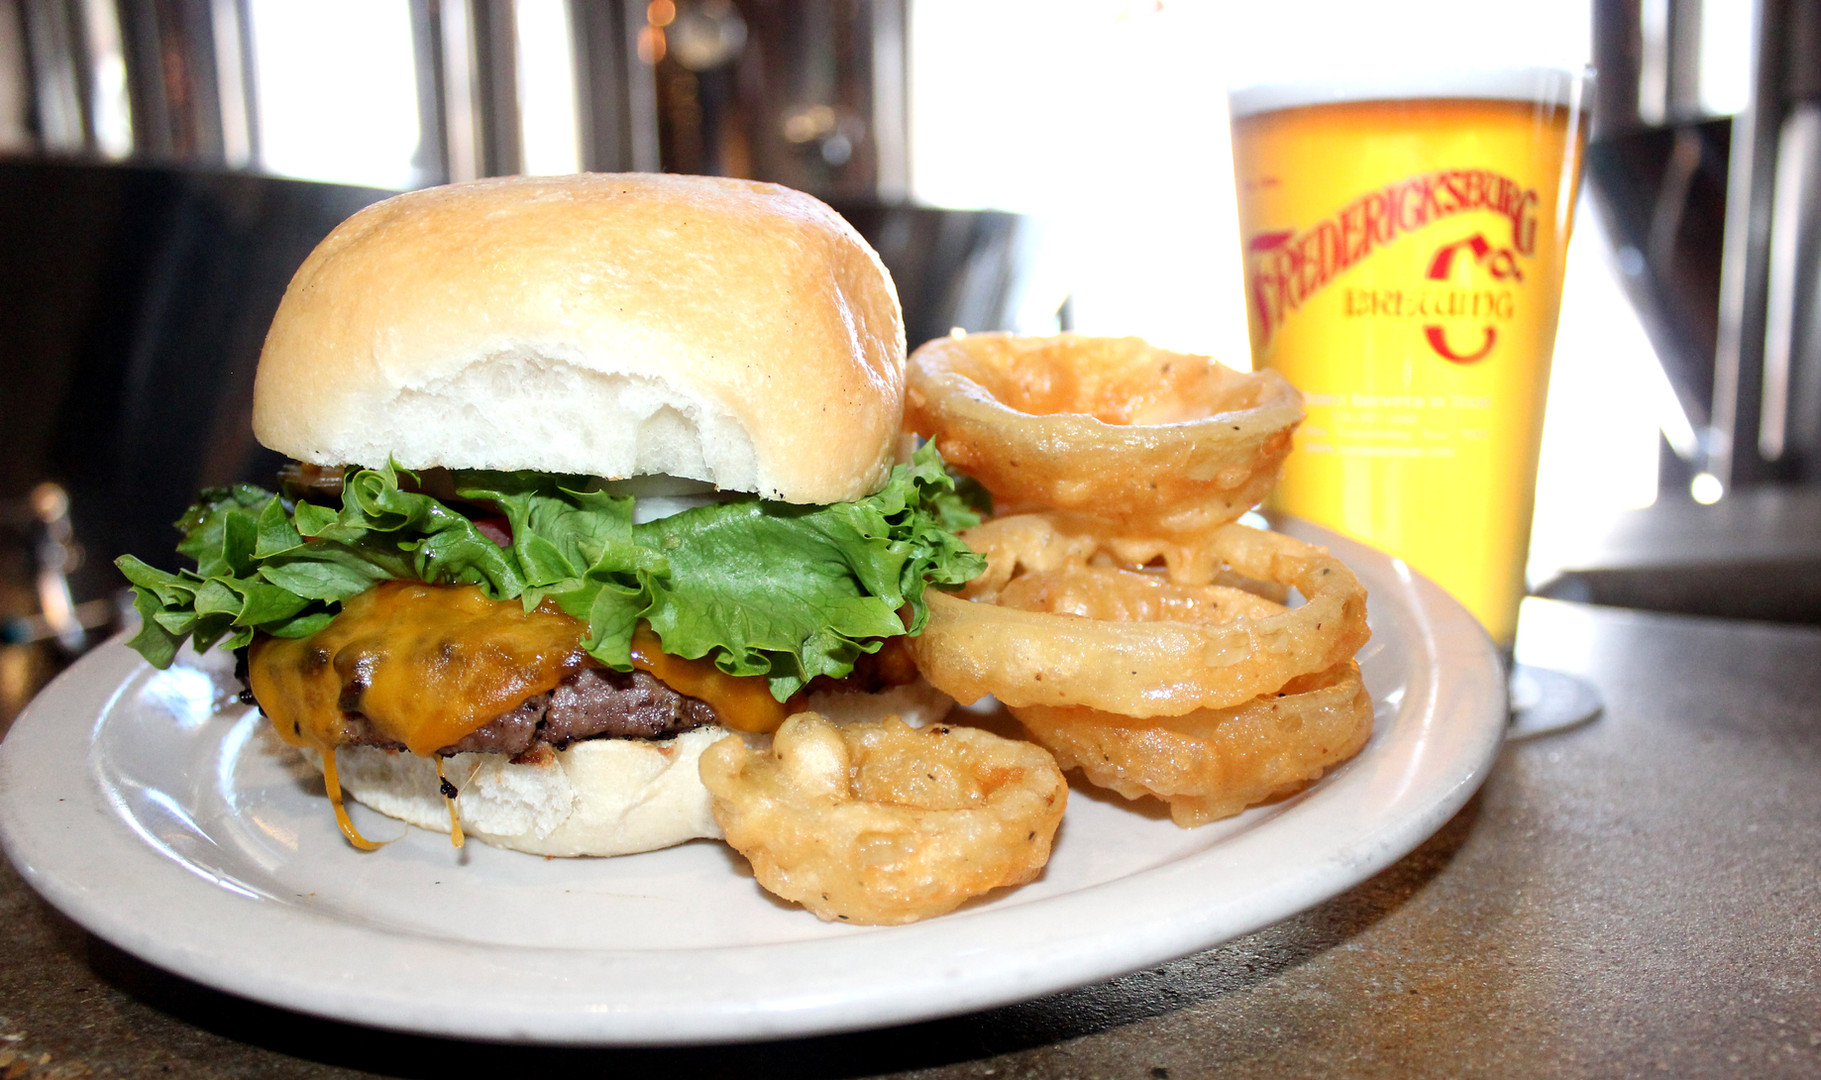 Our Ale Burger